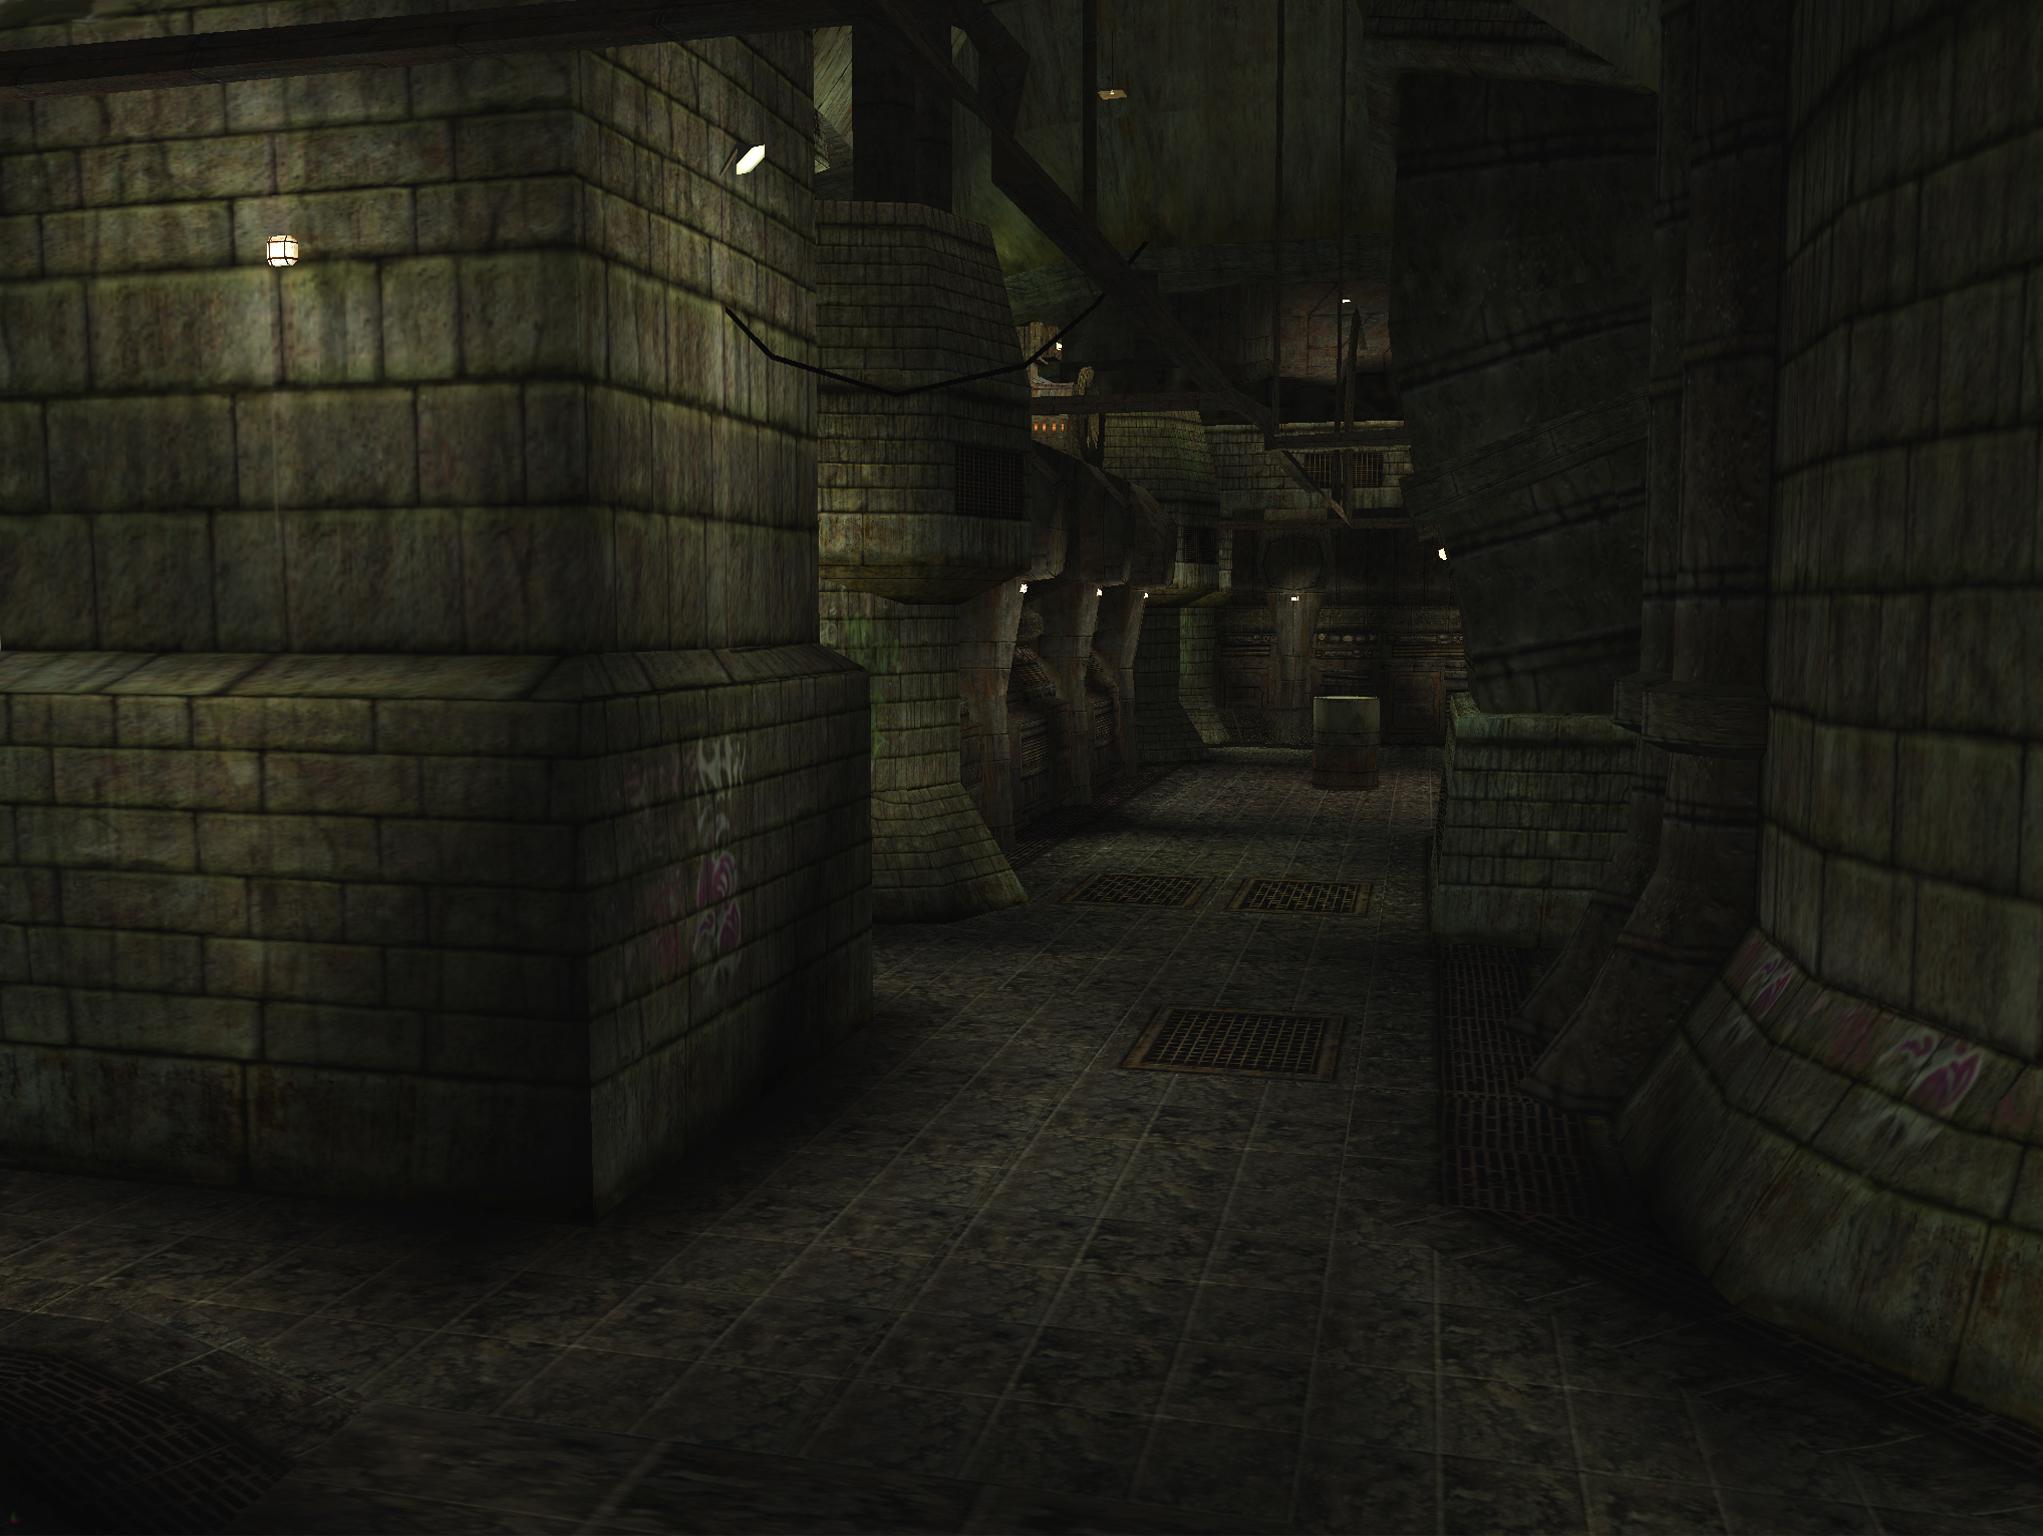 Control Room - Enter The matrix